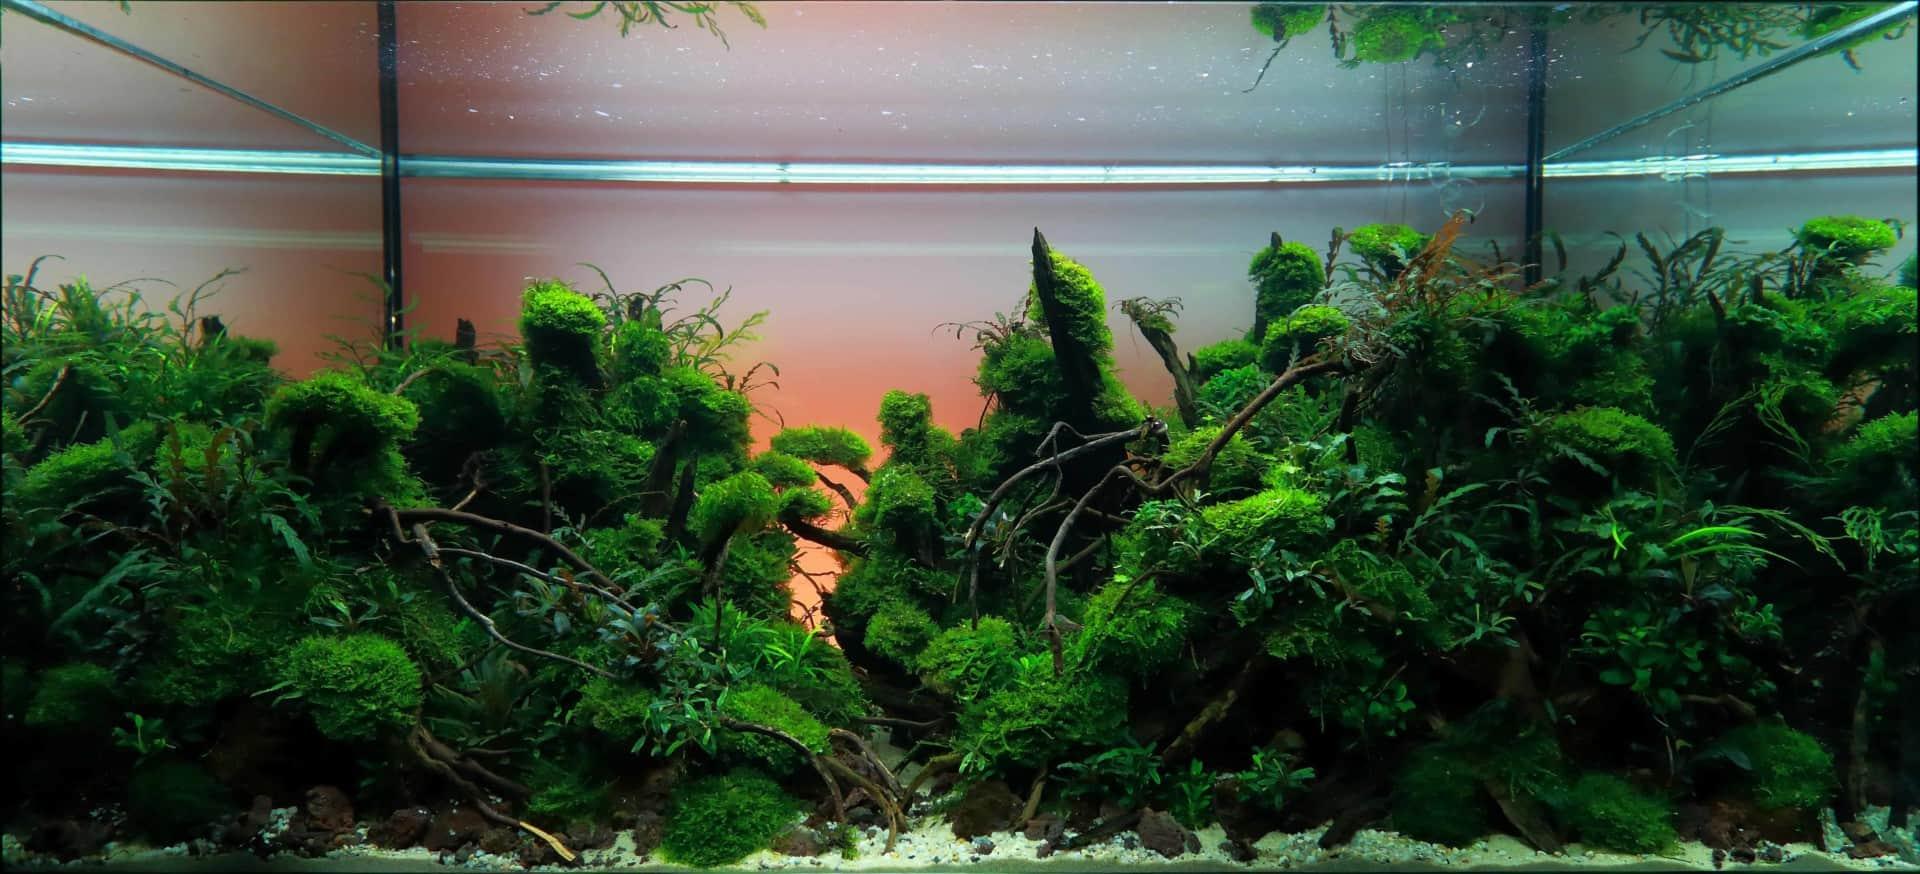 191 - The Art of the Planted Aquarium - Neuheiten und Möglichkeiten zum Mitmachen im April 2019 (Stefanie Hesse) 9